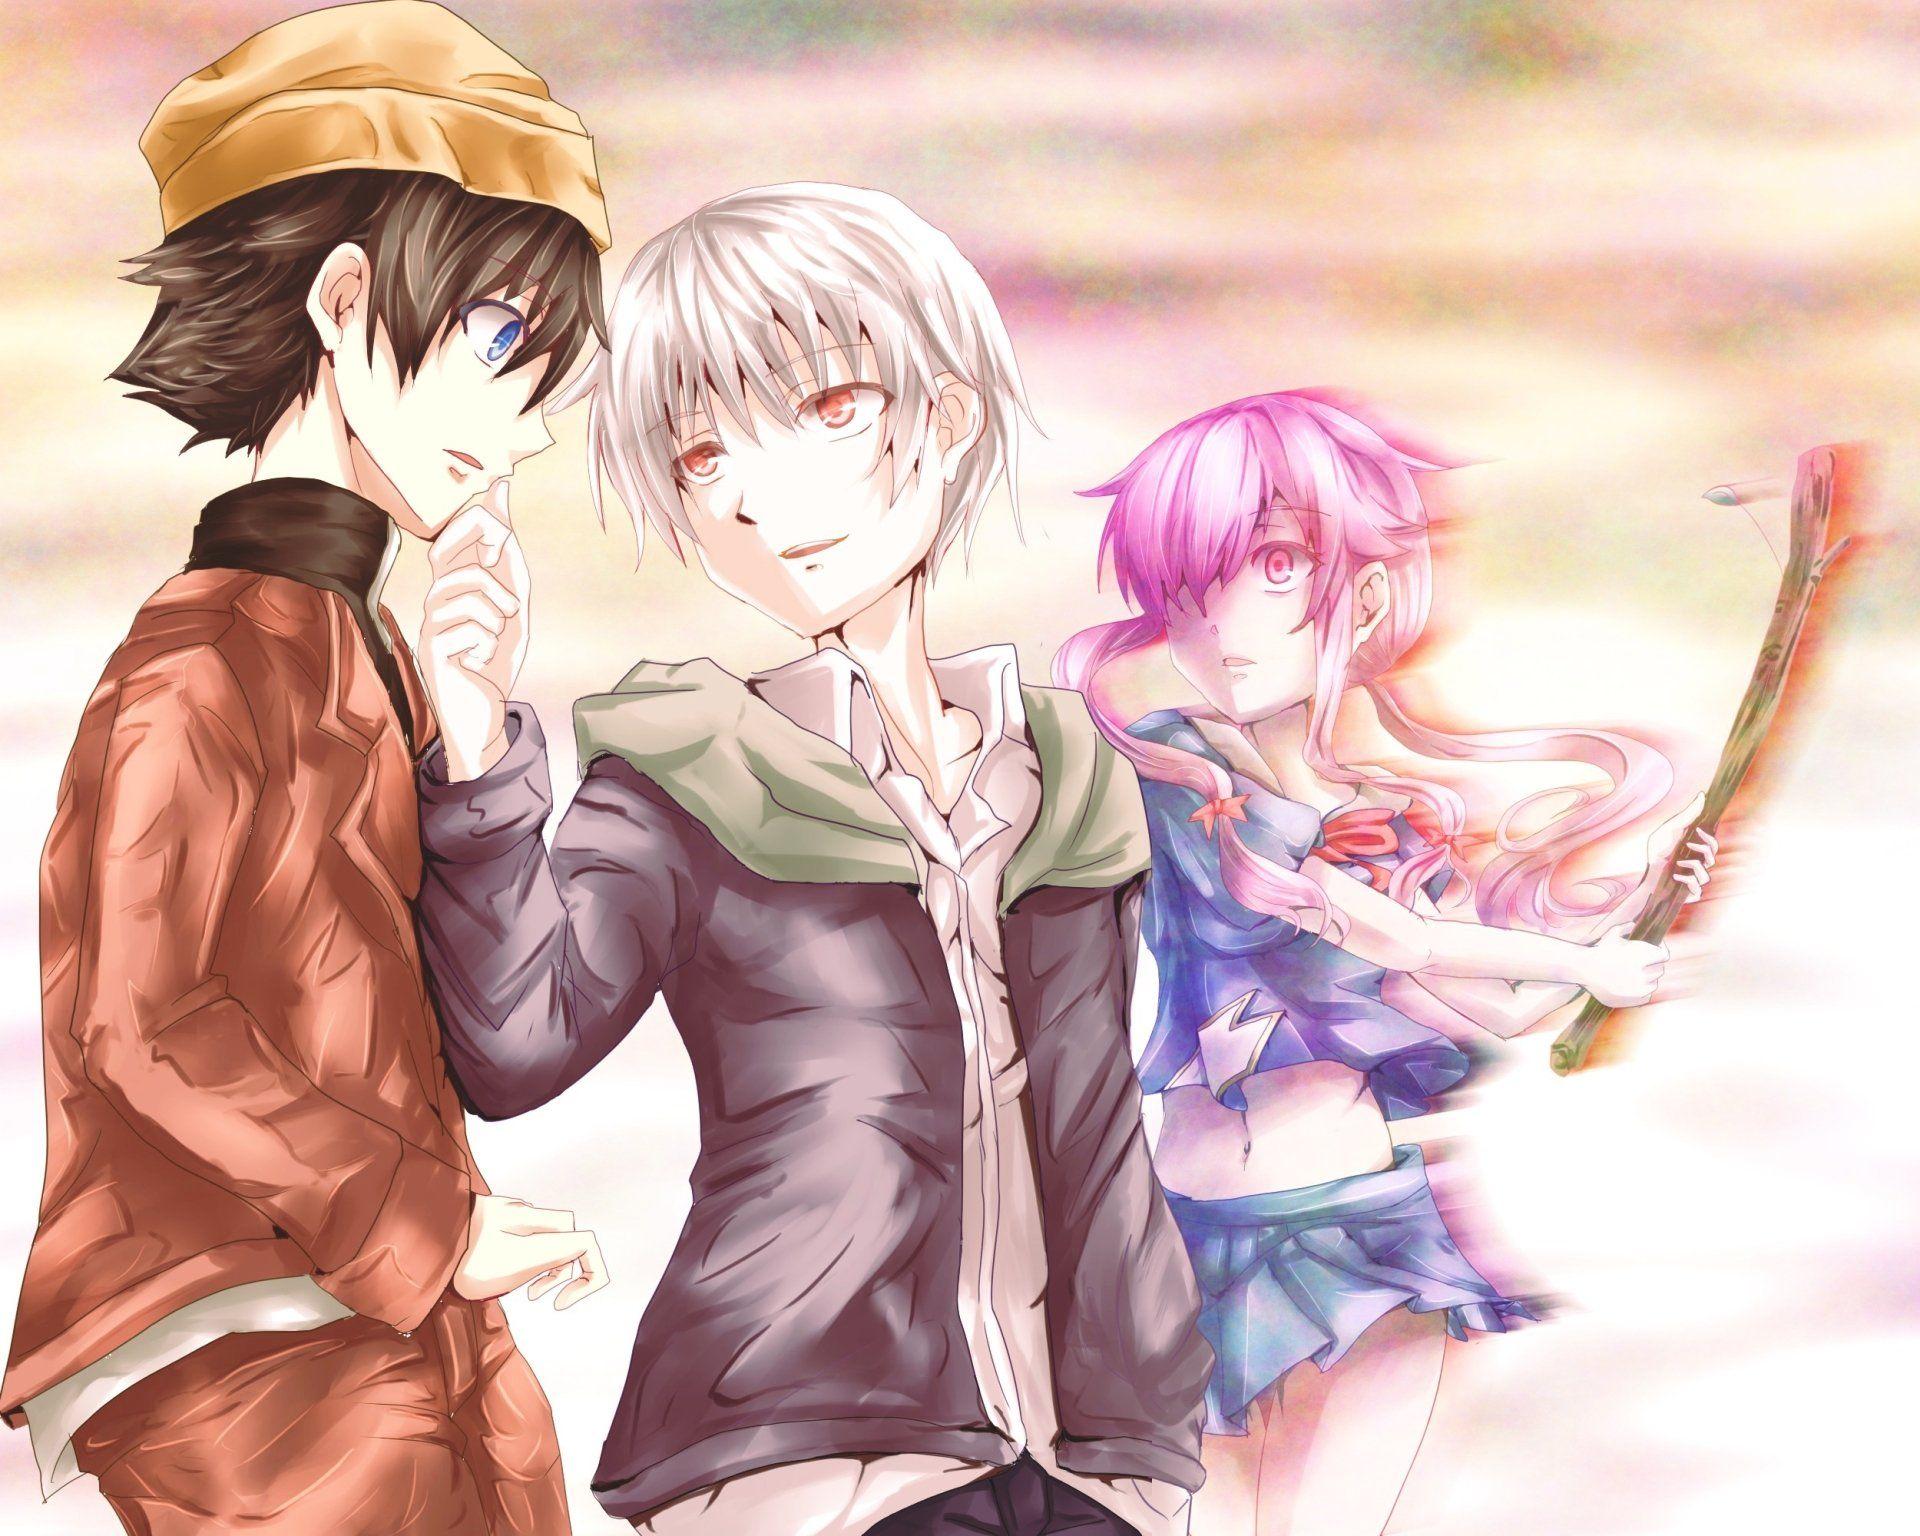 Future Diary Wallpapers Yuno: Anime Mirai Nikki Yukiteru Amano Aru Akise Yuno Gasai